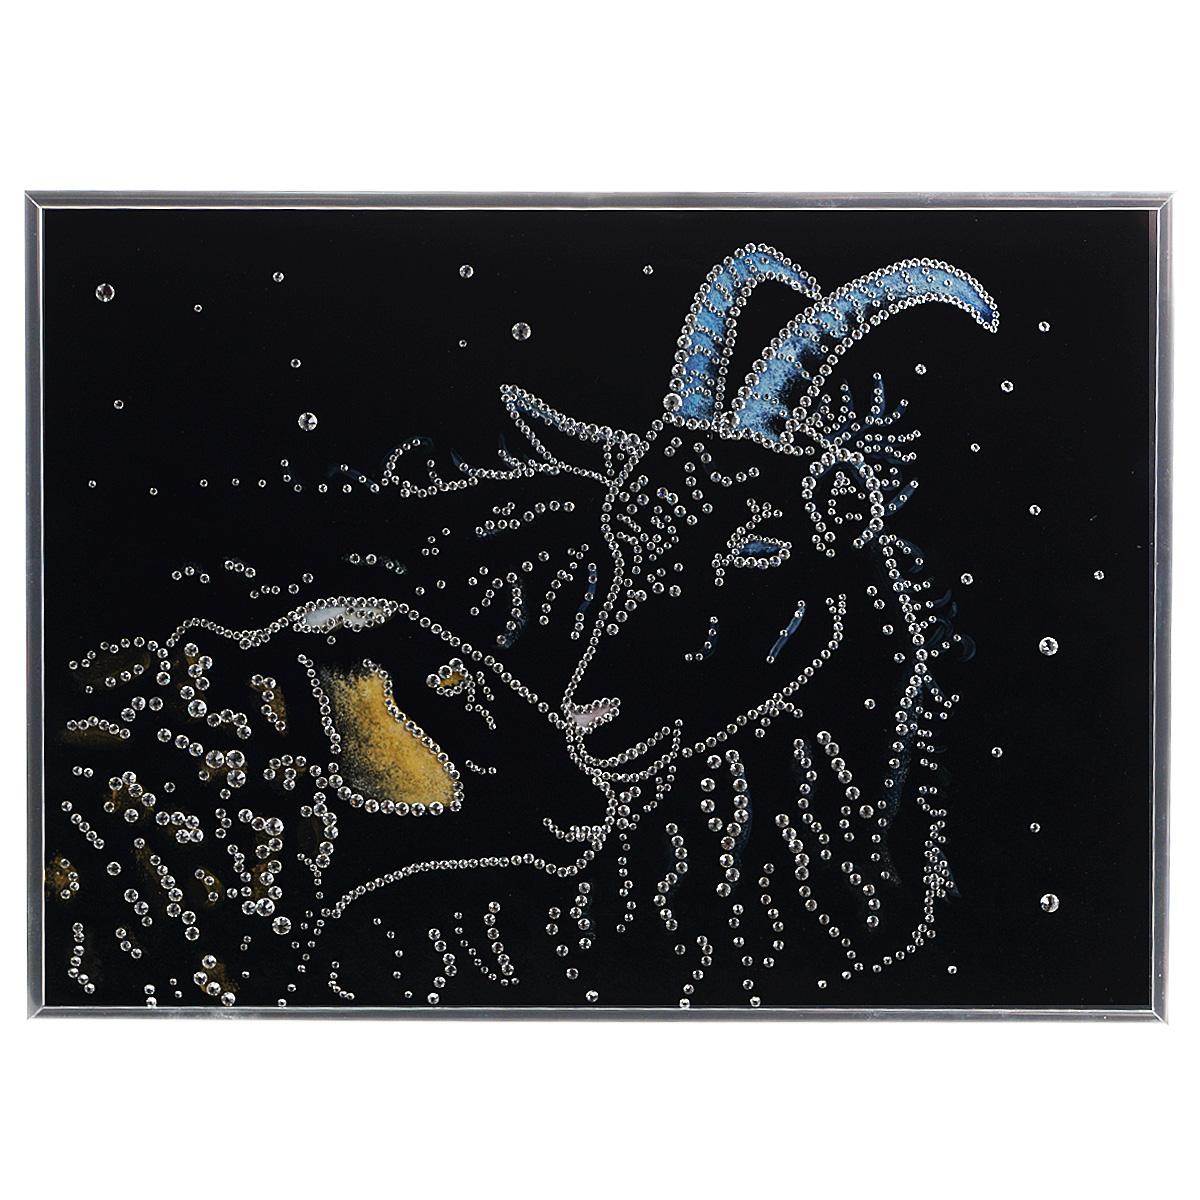 Картина с кристаллами Swarovski Овечка и козел, 40 см х 30 см1470Изящная картина в алюминиевой раме Овечка и козел инкрустирована кристаллами Swarovski, которые отличаются четкой и ровной огранкой, ярким блеском и чистотой цвета. Идеально подобранная палитра кристаллов прекрасно дополняет картину. С задней стороны изделие оснащено специальной металлической петелькой для размещения на стене. Картина с кристаллами Swarovski элегантно украсит интерьер дома, а также станет прекрасным подарком, который обязательно понравится получателю. Блеск кристаллов в интерьере - что может быть сказочнее и удивительнее. Изделие упаковано в подарочную картонную коробку синего цвета и комплектуется сертификатом соответствия Swarovski.